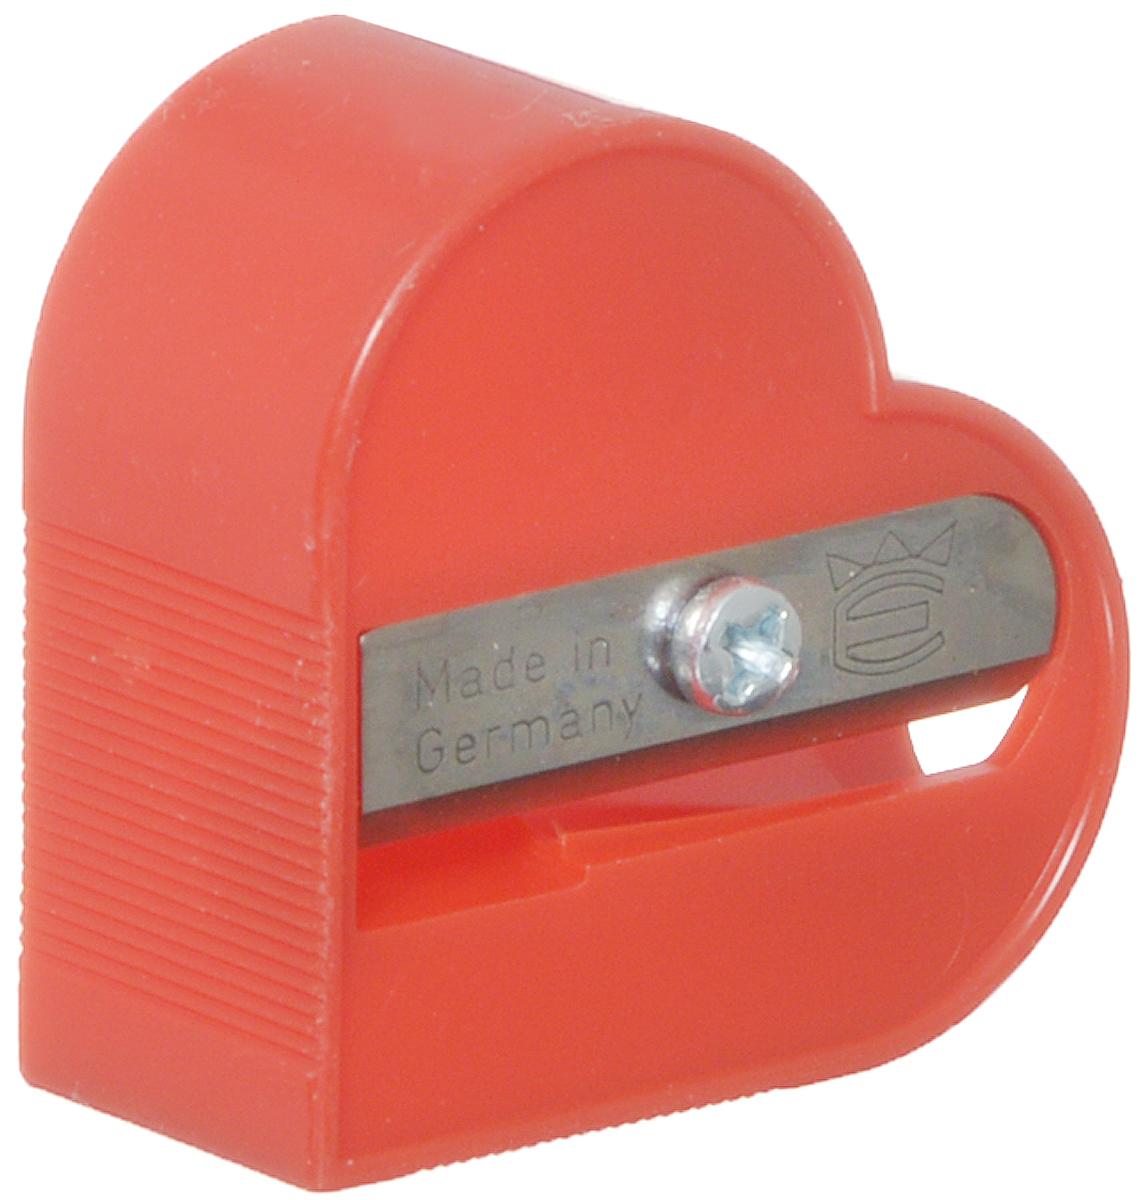 Eisen Точилка Сердце цвет красный111.01.999/BL_красныйТочилка Eisen Сердце предназначена для затачивания классических простых и цветных карандашей.Точилка изготовлена из качественного материала и имеет рельефную область захвата. Острые лезвия обеспечивают высококачественную и точную заточку карандашей.